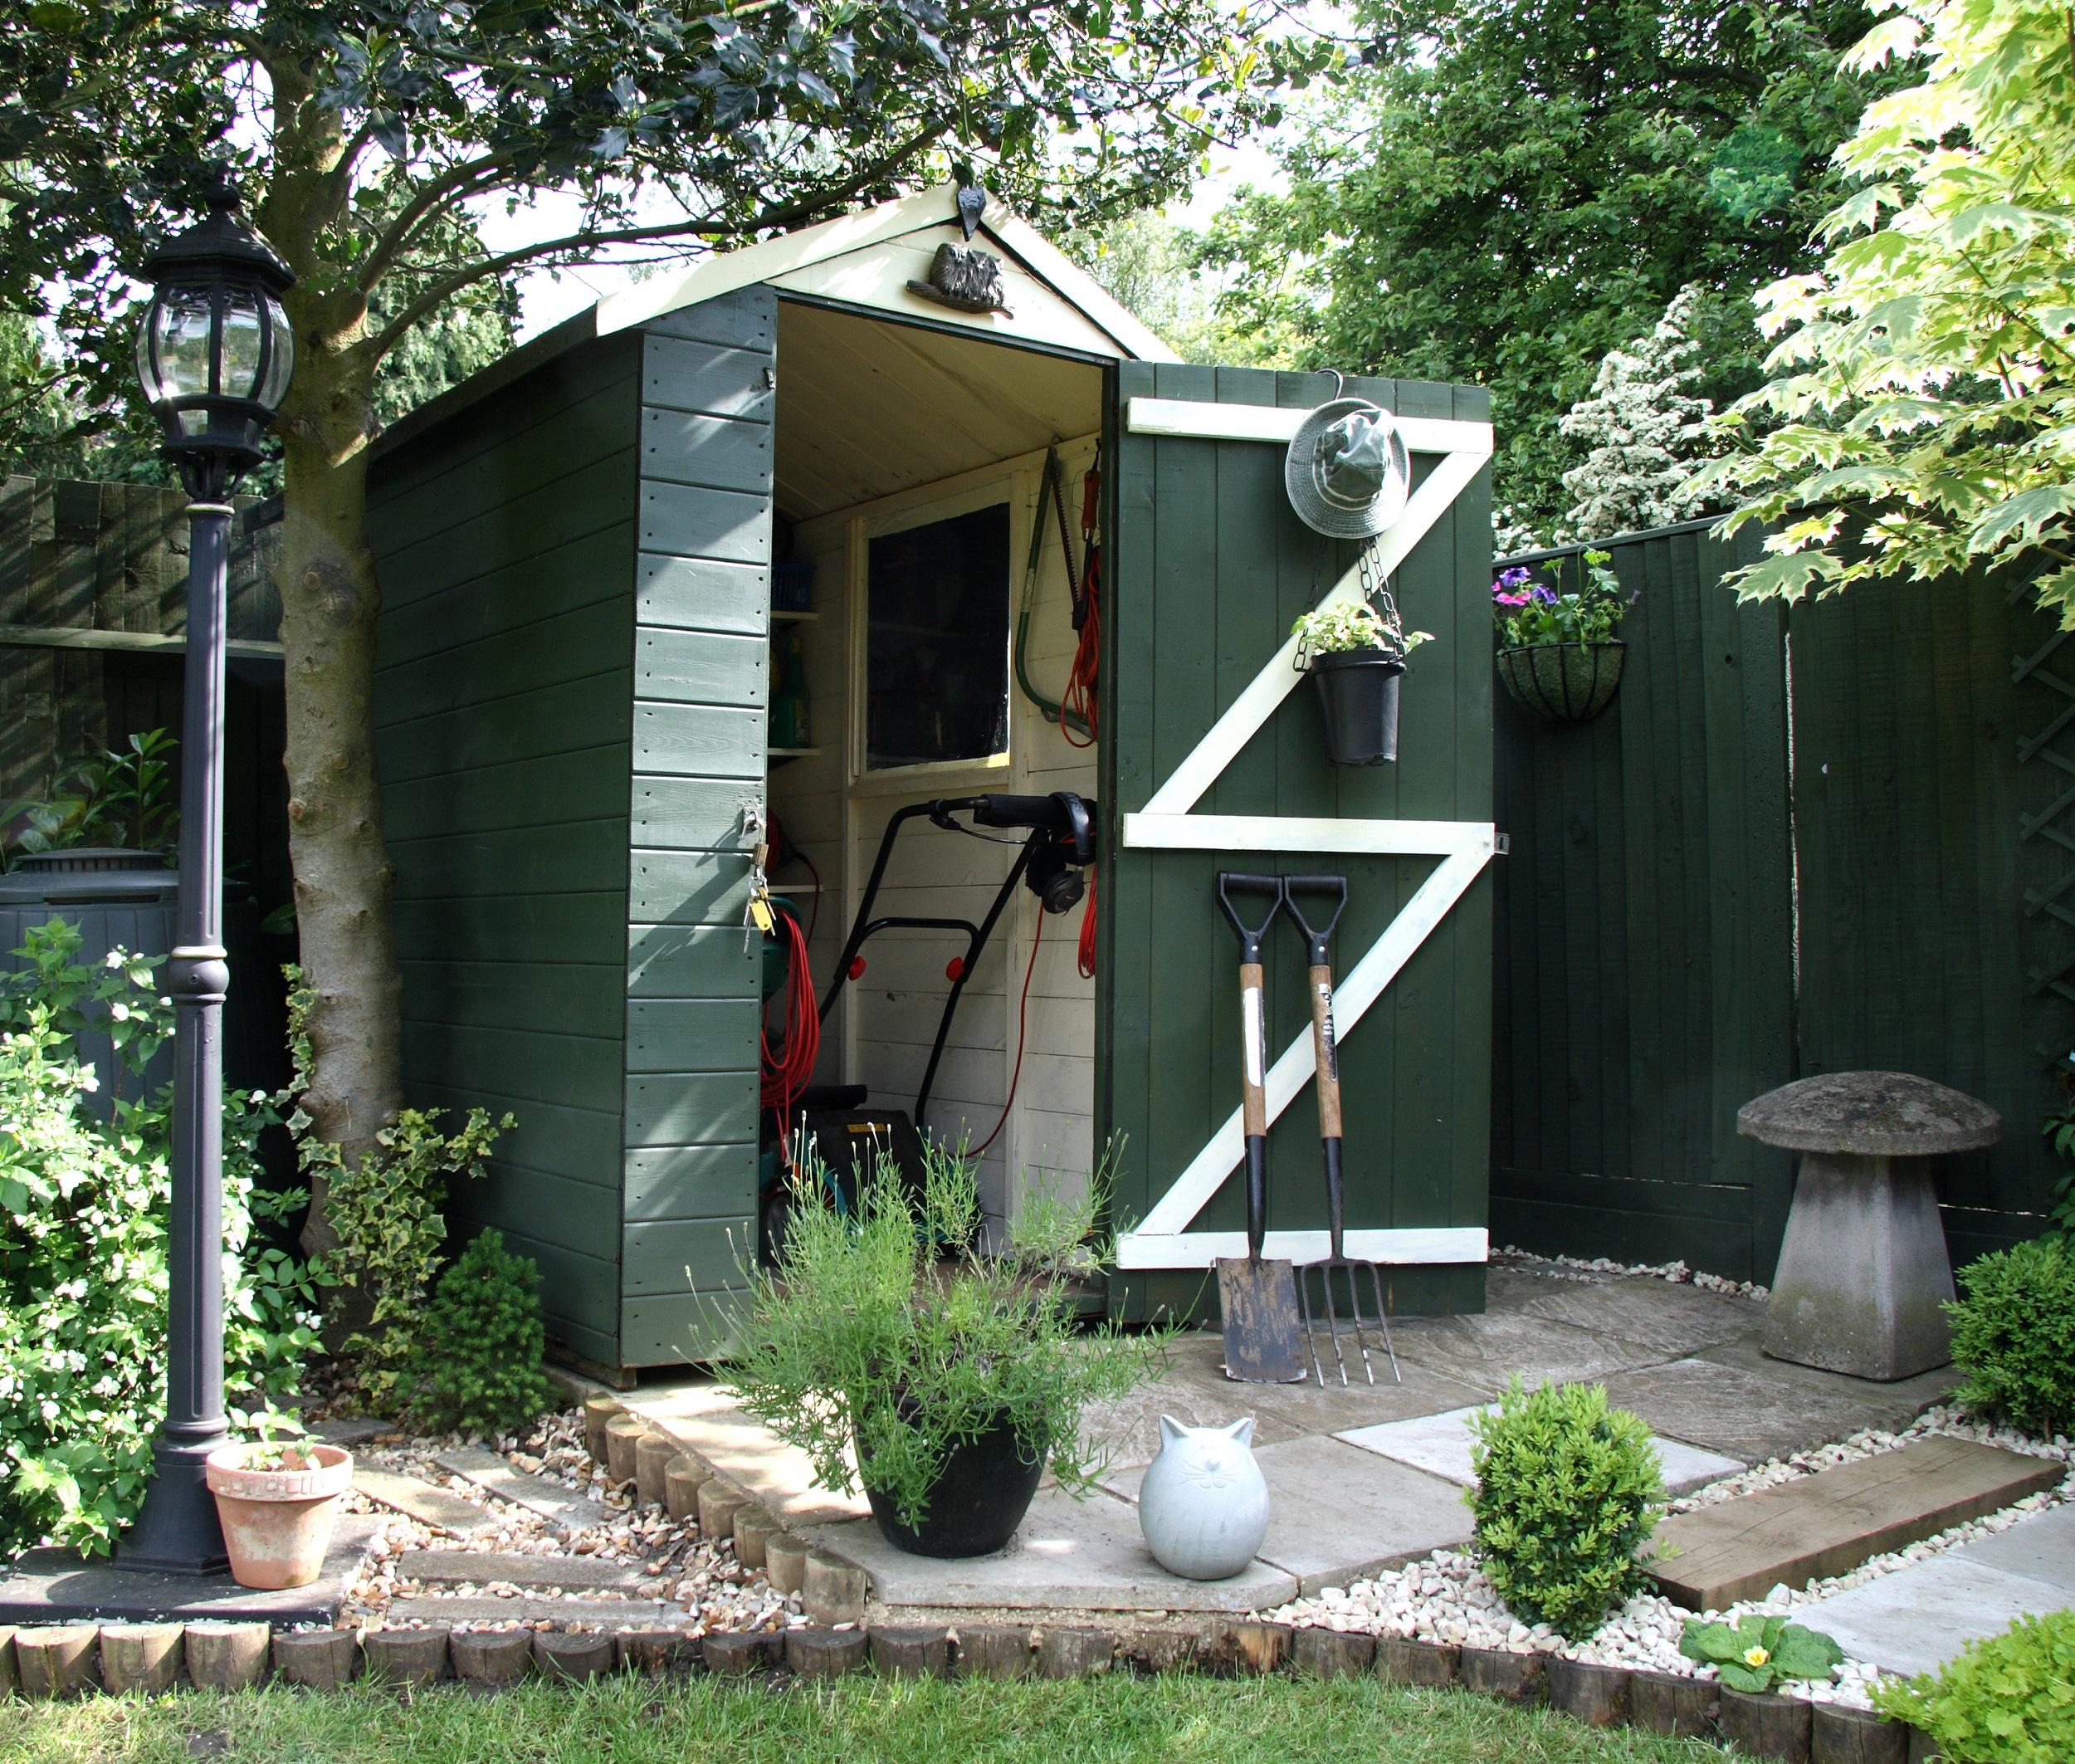 prix de l 39 installation d 39 un abri de jardin 2018. Black Bedroom Furniture Sets. Home Design Ideas